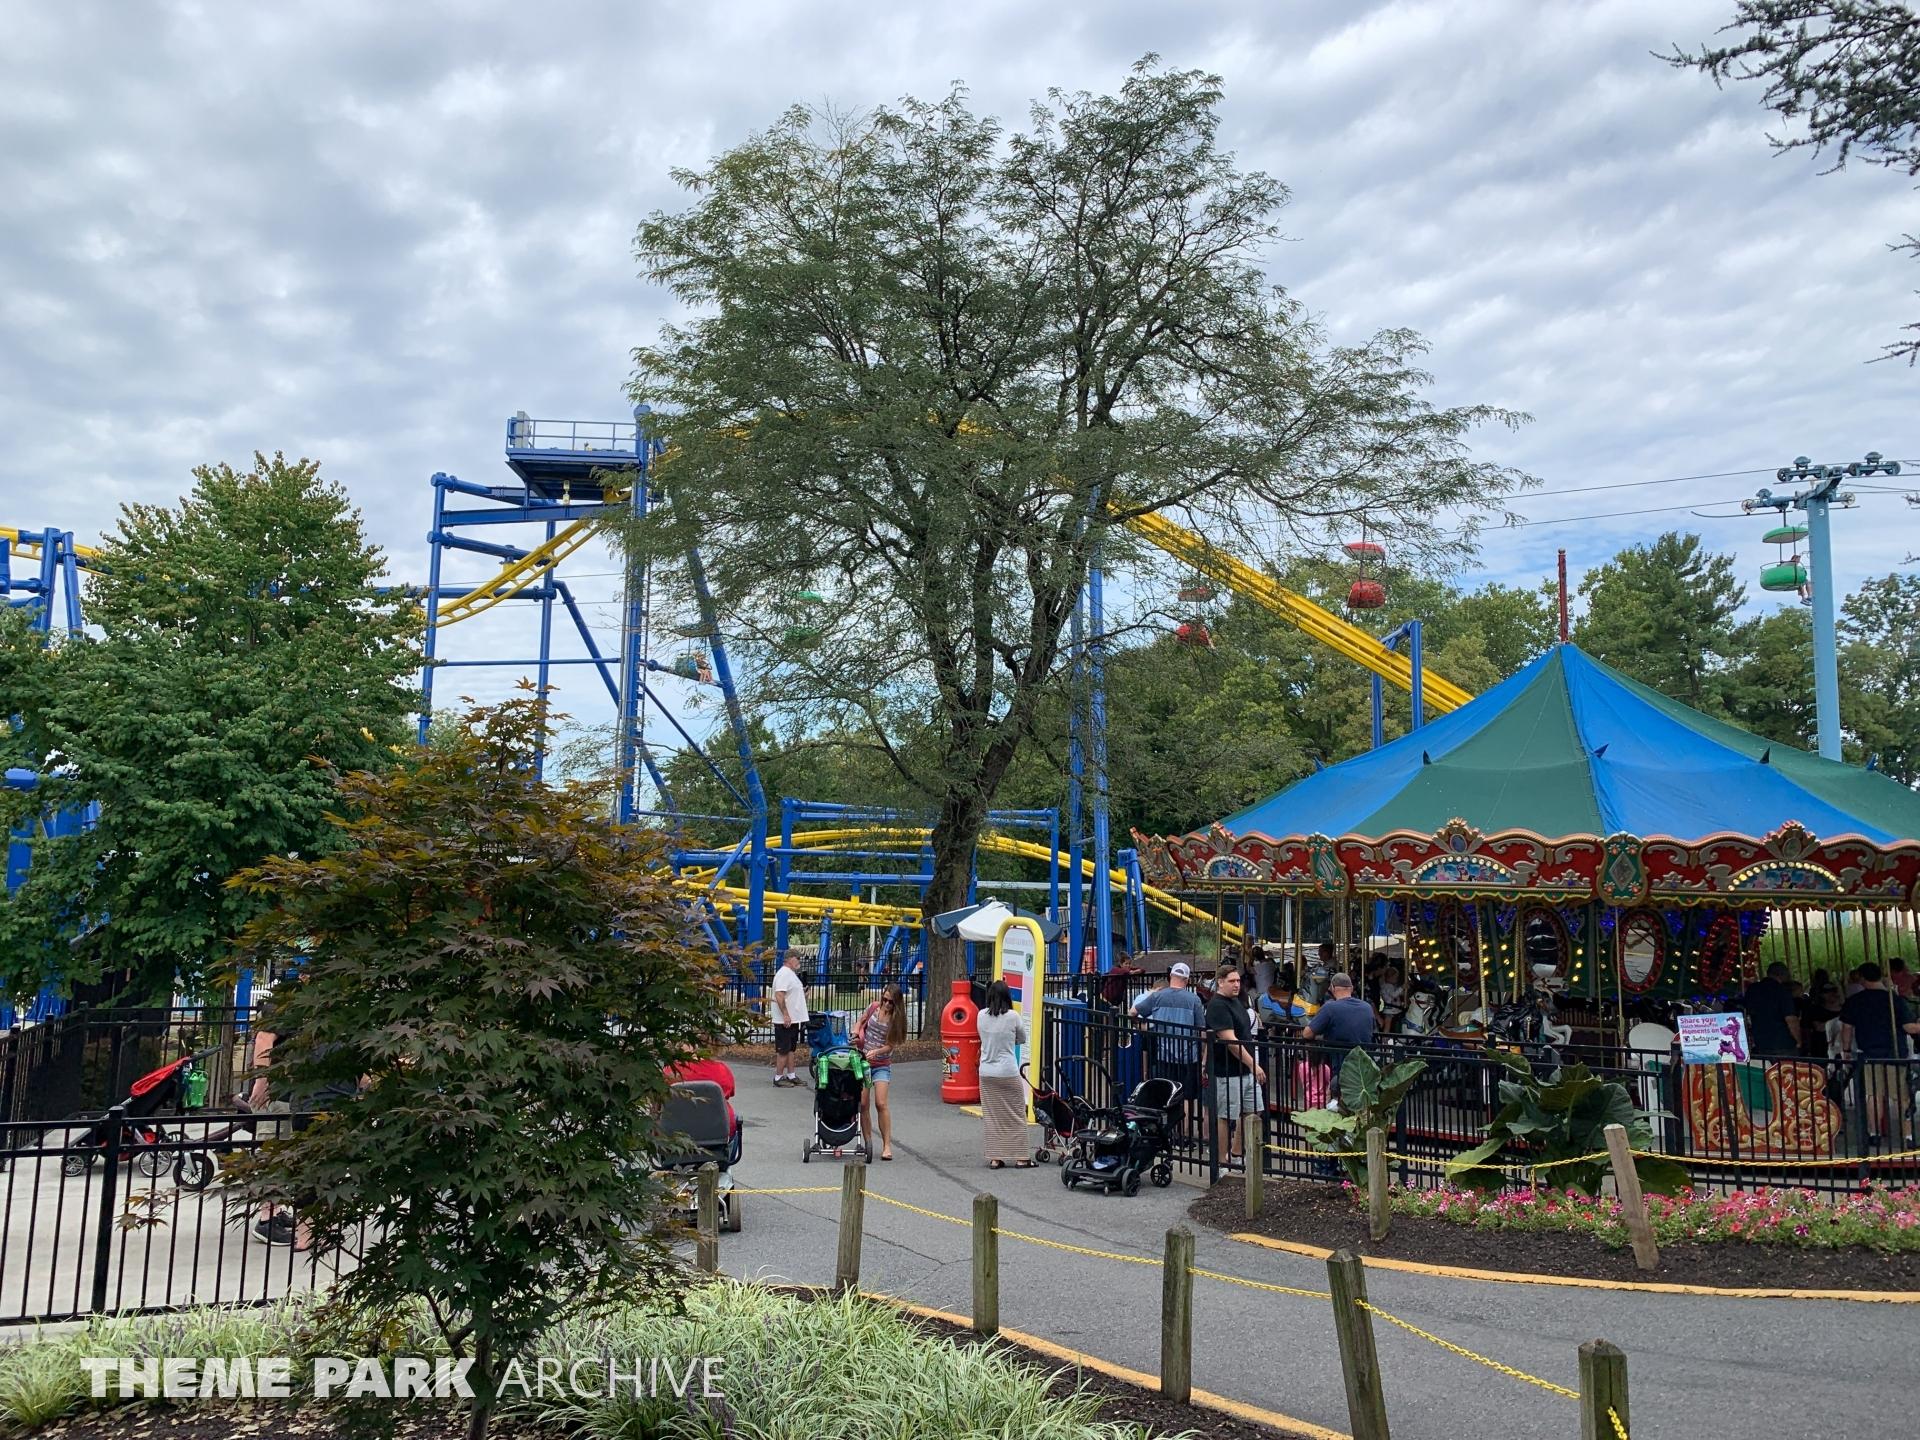 Merry Go Round at Dutch Wonderland